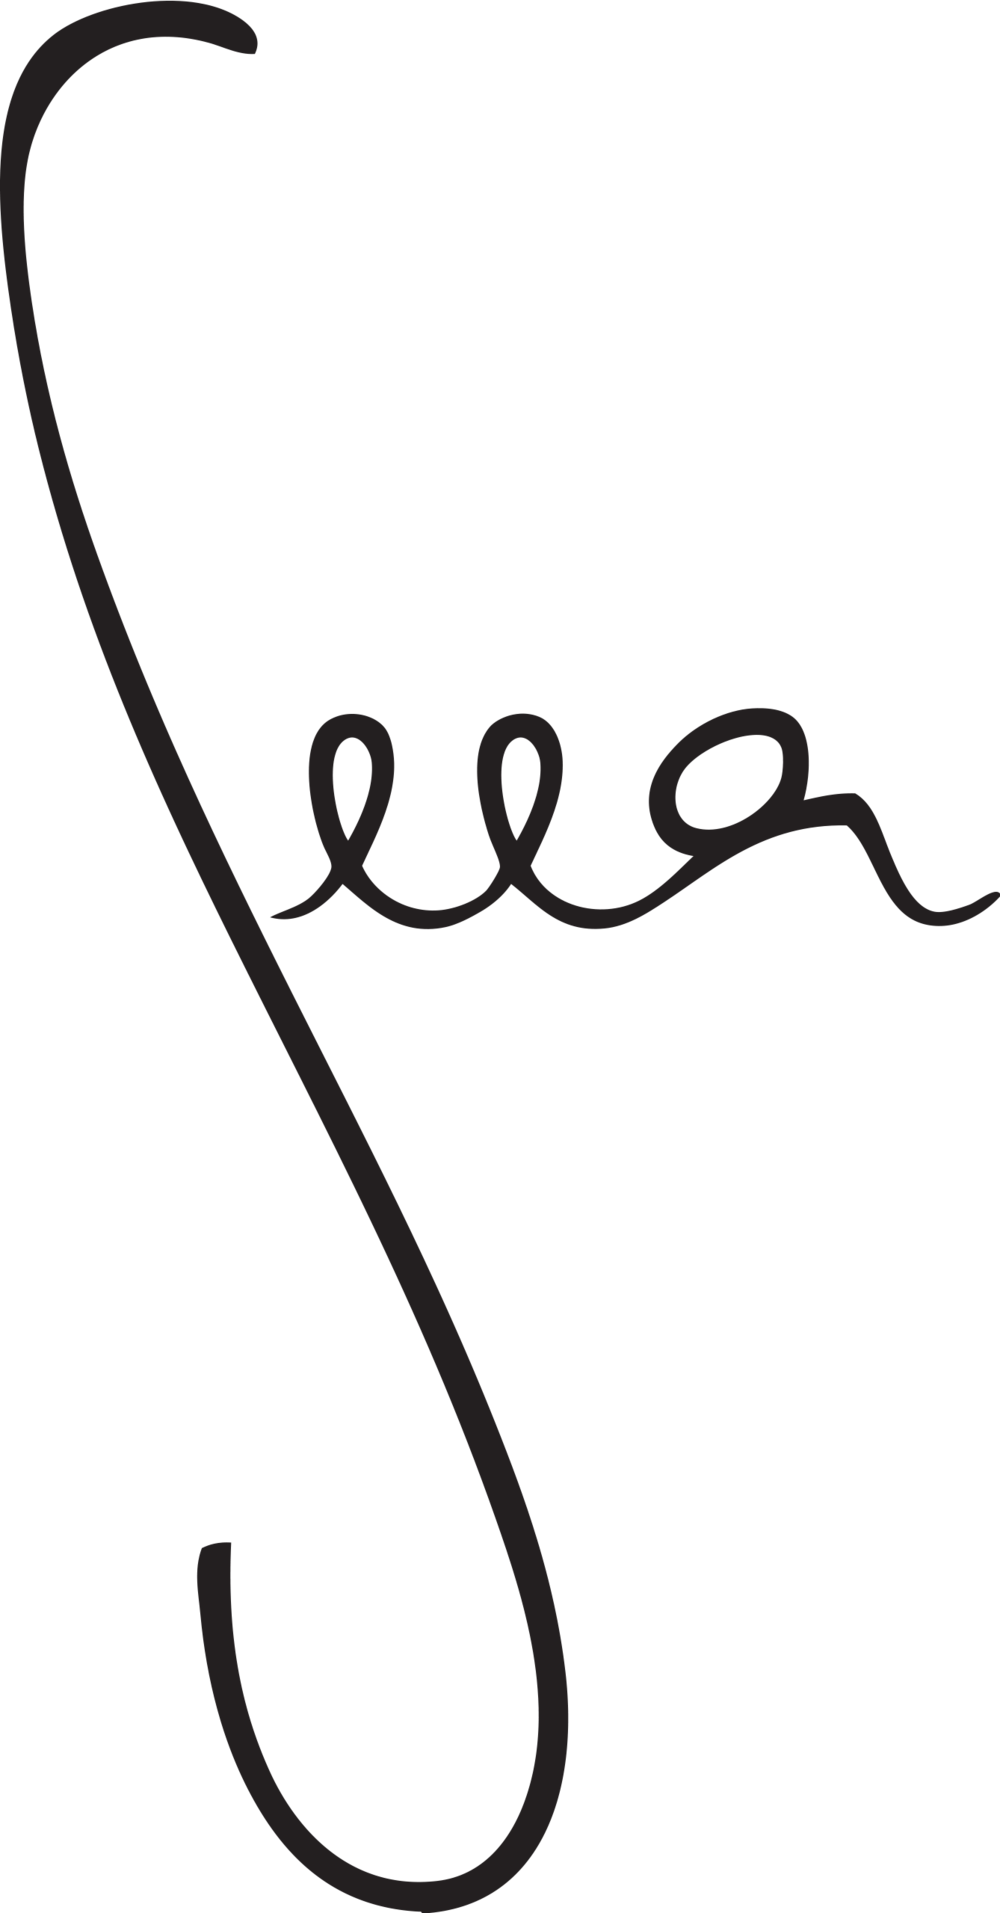 Seea-logo.png